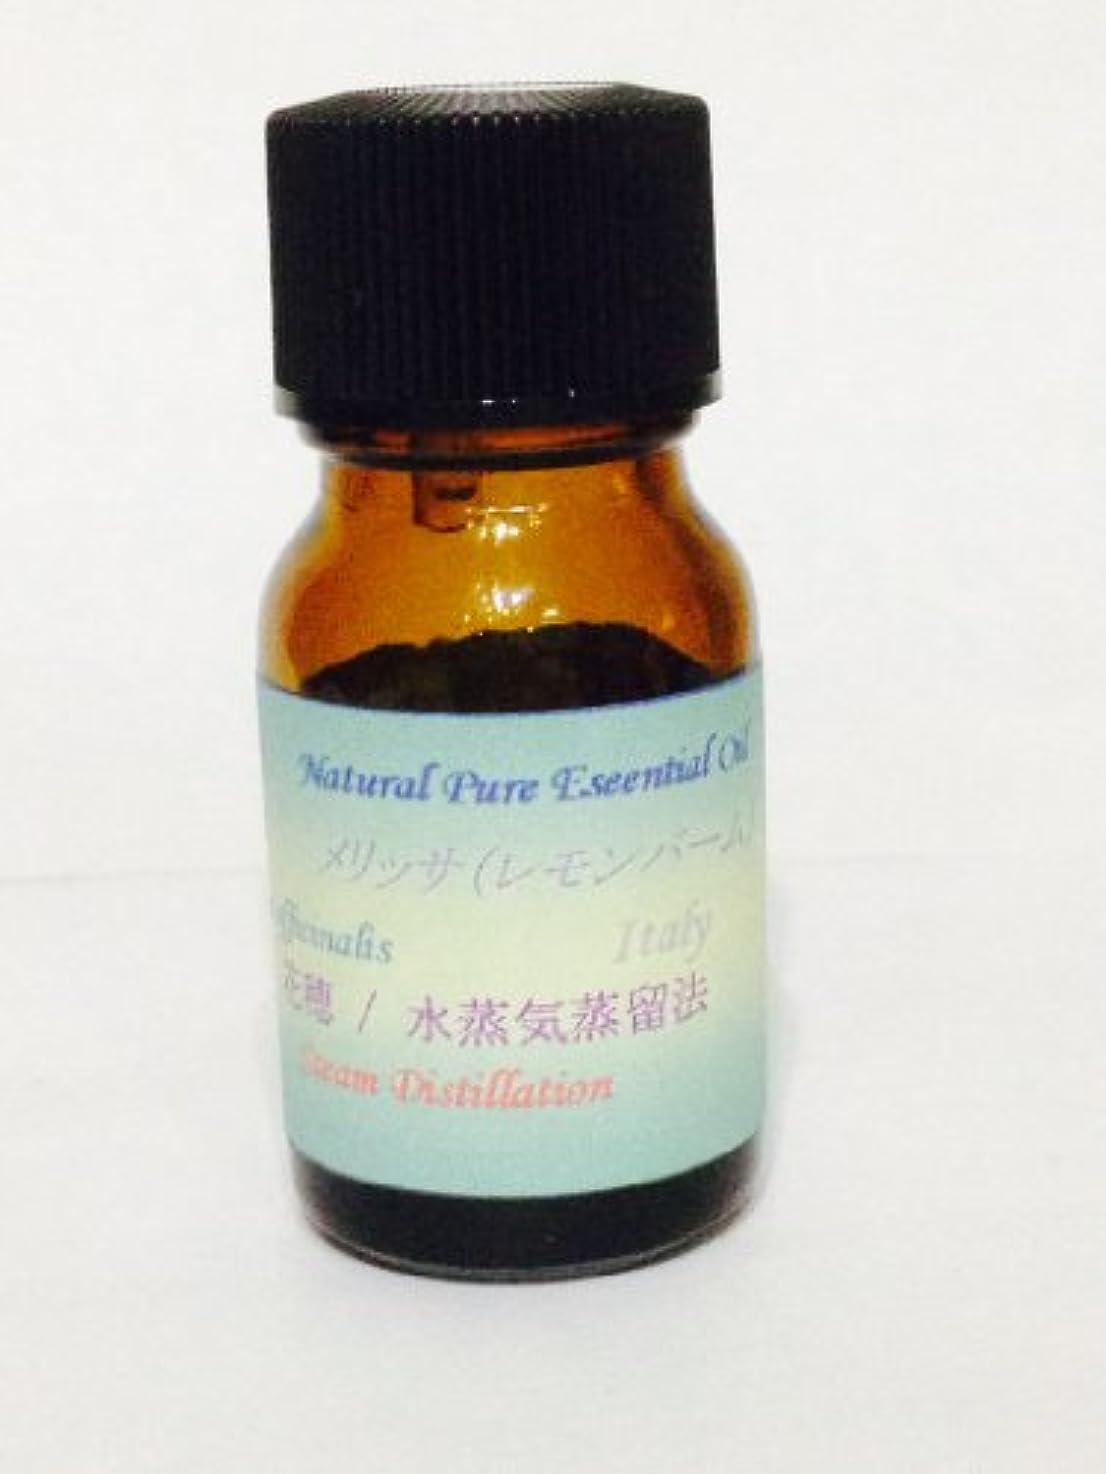 のみリングバック枯渇するメリッサ (レモンバーム) 100% ピュア エッセンシャルオイル 精油 10ml